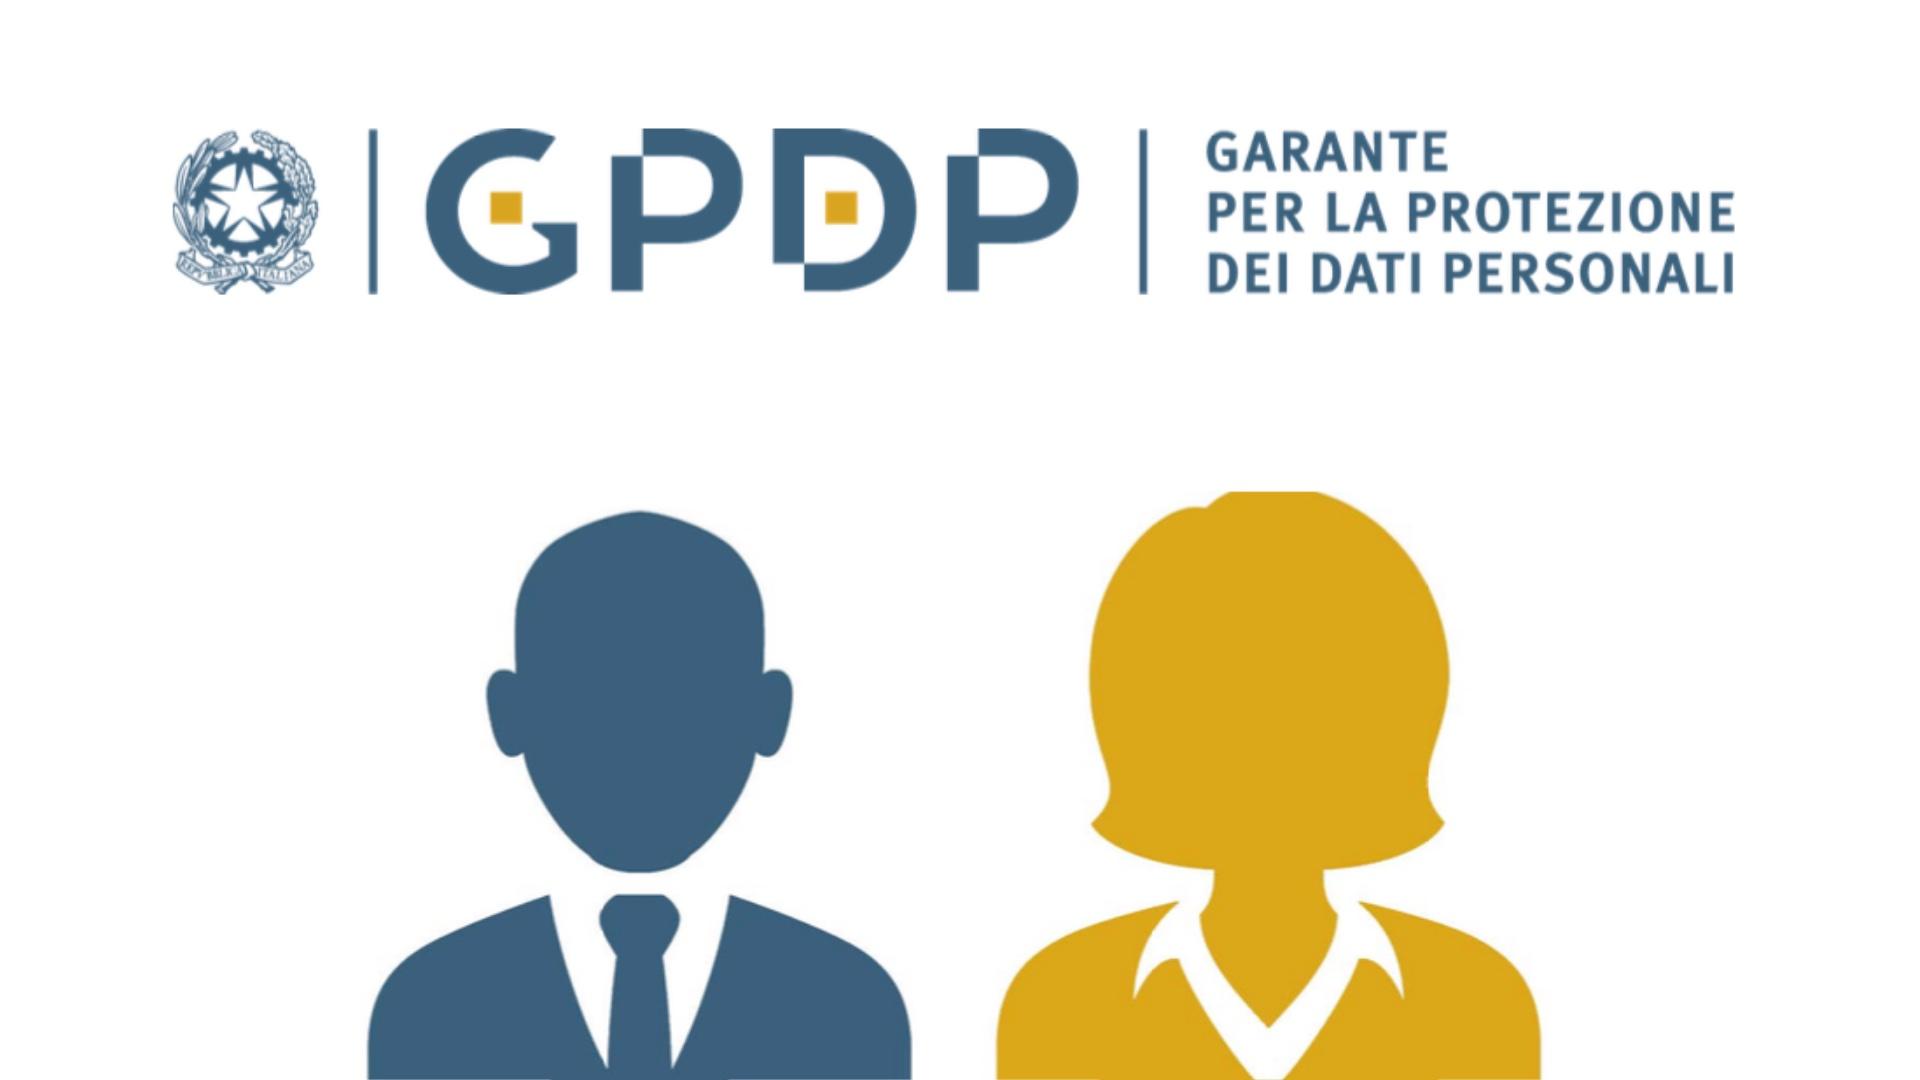 Garante Protezione Dati Personali v2